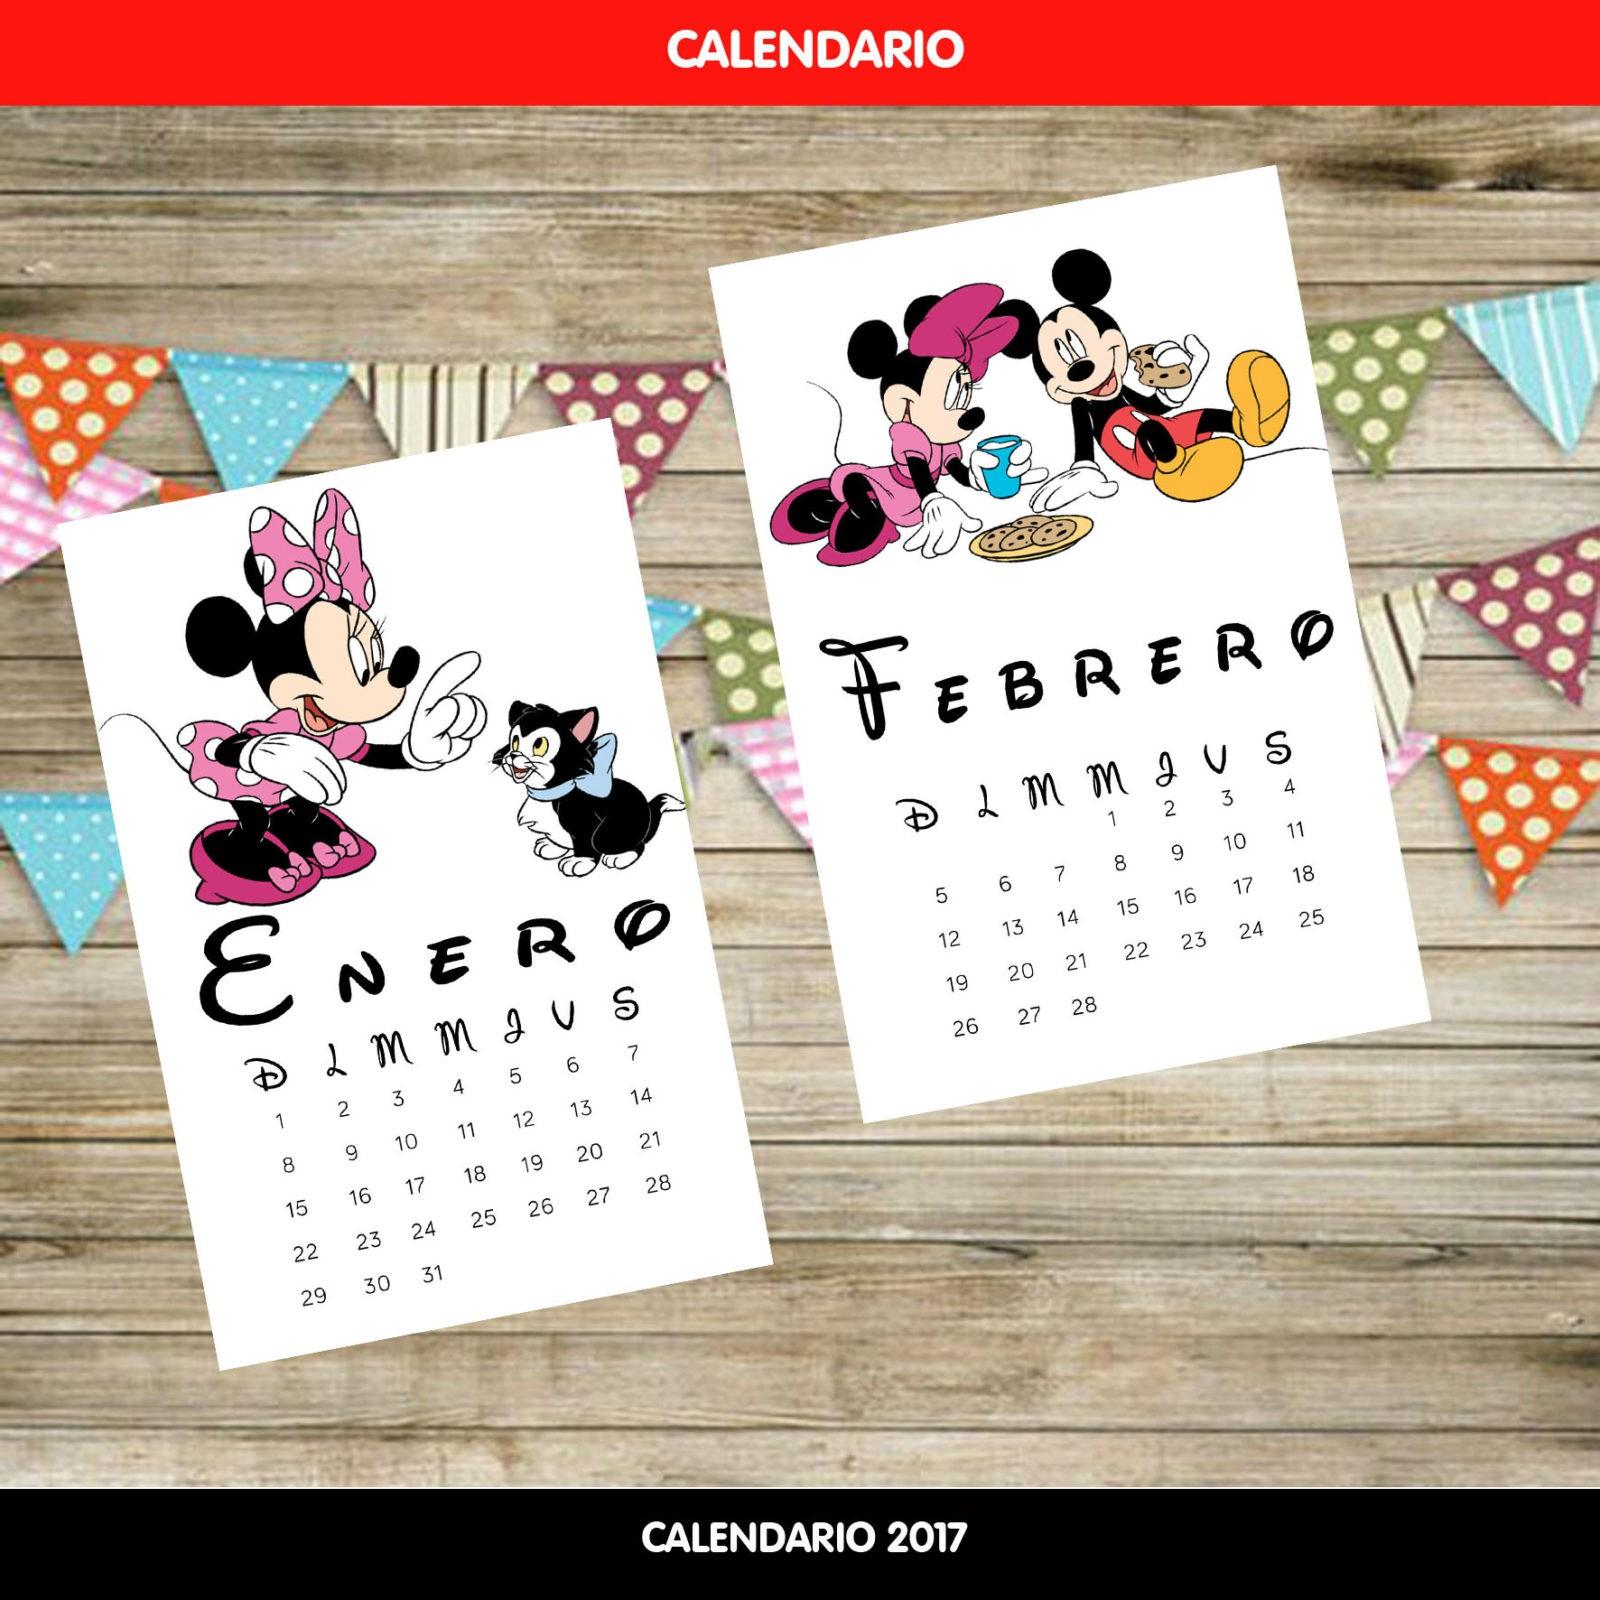 calendario disney para imprimir